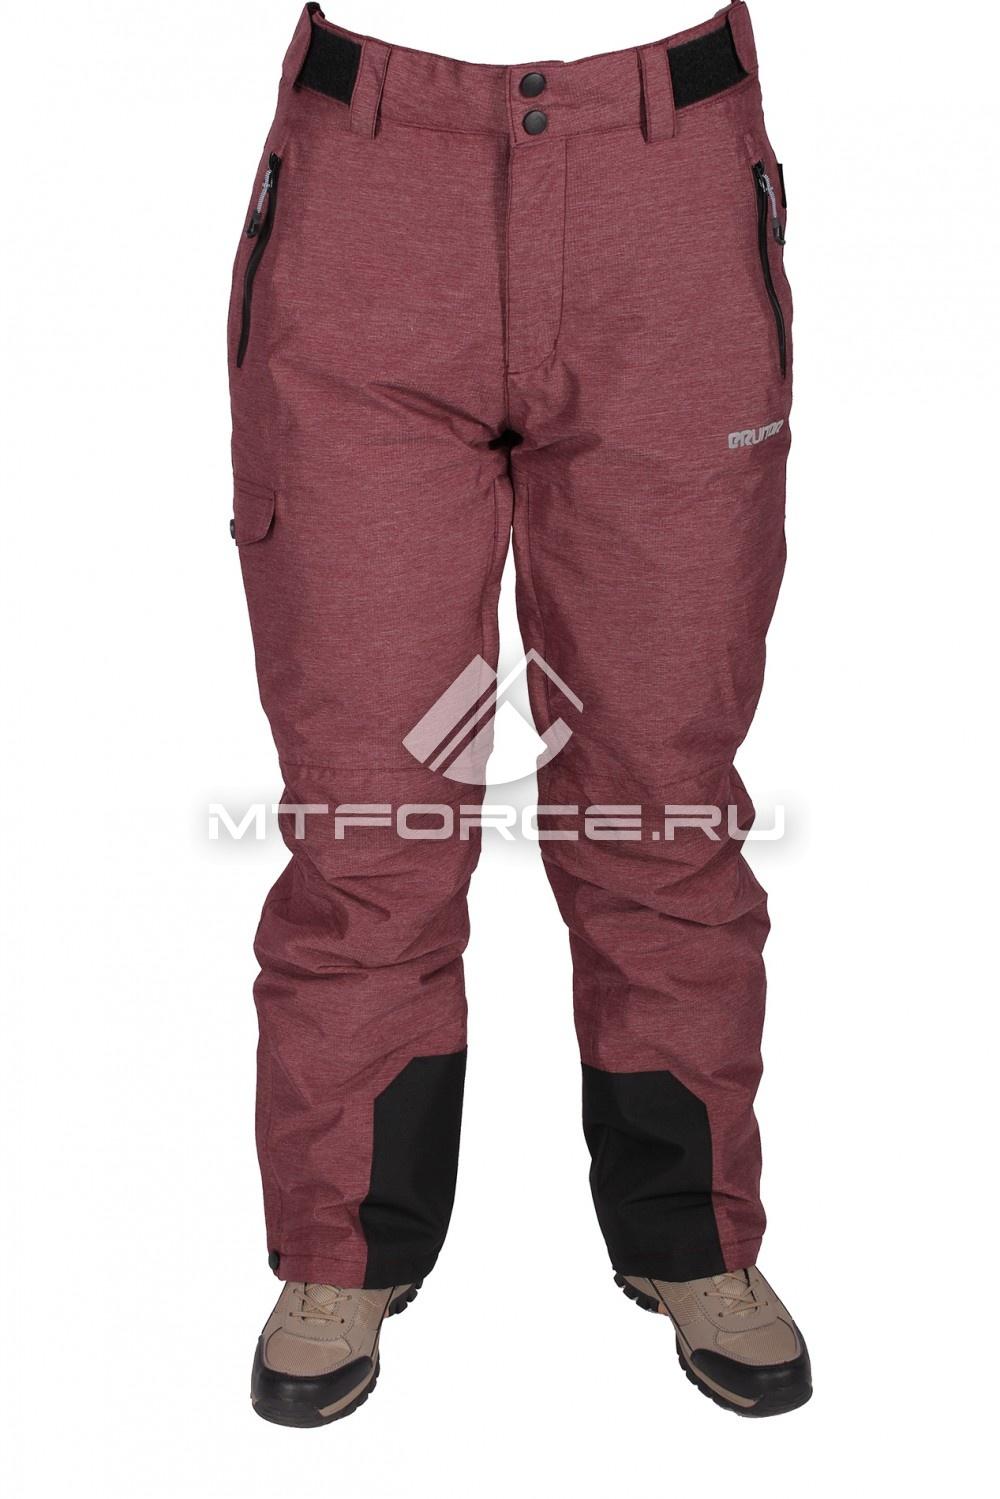 Купить                                  оптом Брюки горнолыжные женские бордового цвета 17644Bo в Санкт-Петербурге